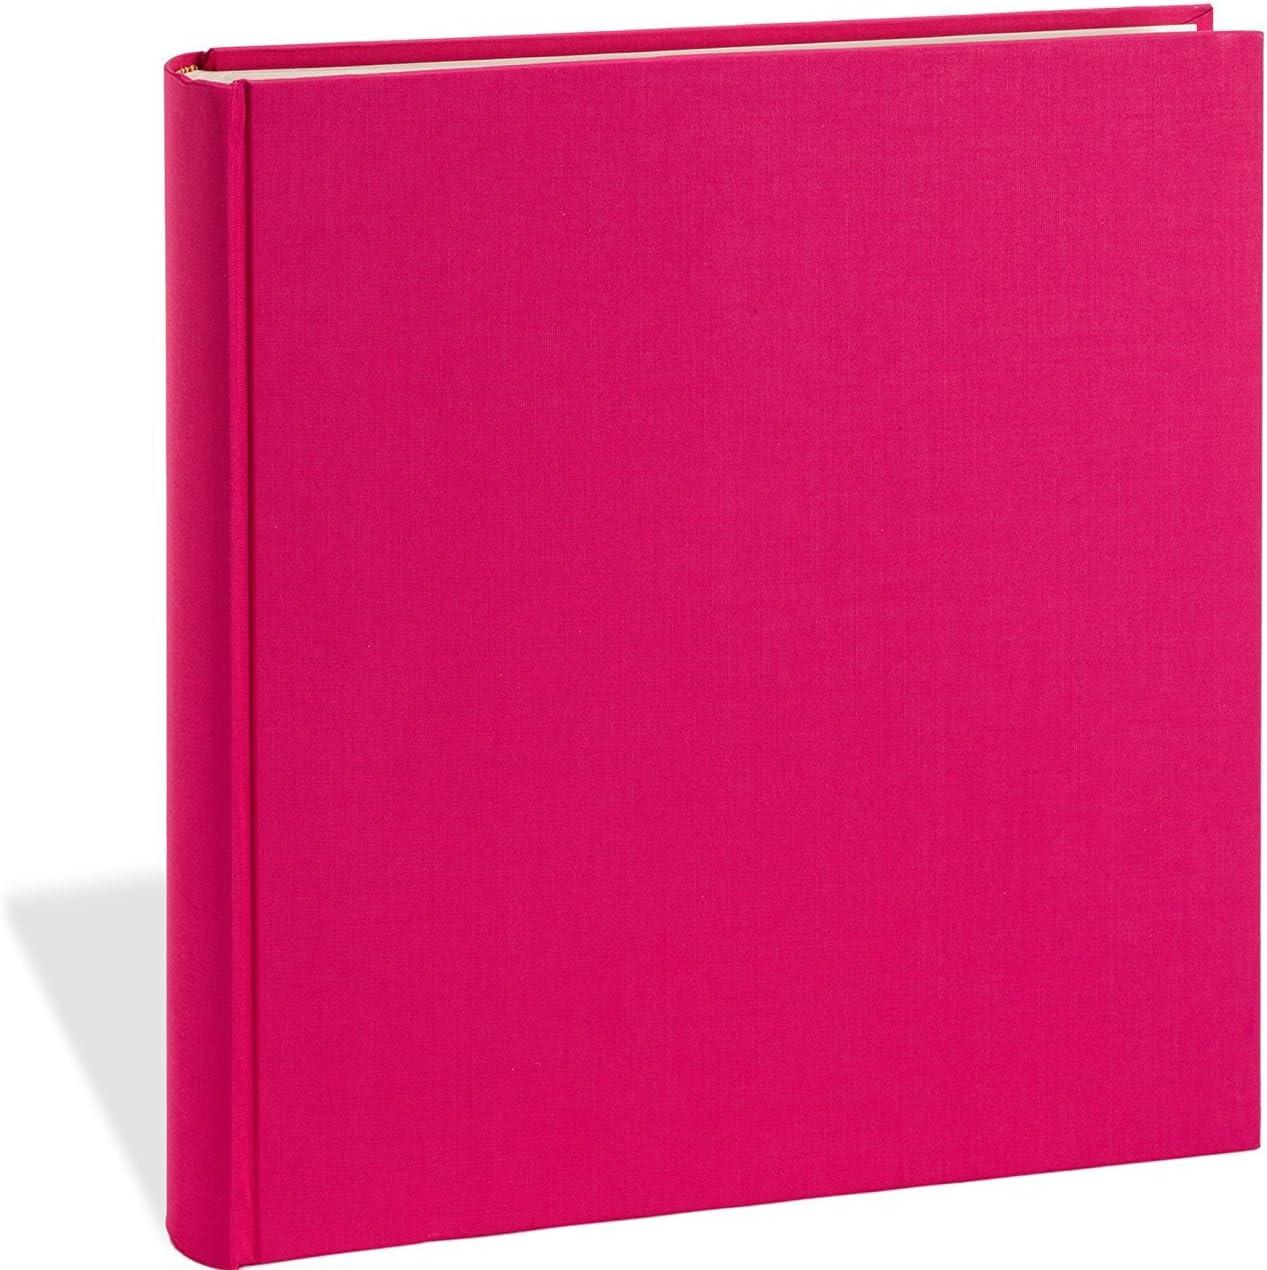 ALBUM pour ENCOLLER DES PHOTOS 20 feuilles de papier cartonn/é noir + qualit/é originale Semikolon + + Album /à spirales economy Economy moyen marron